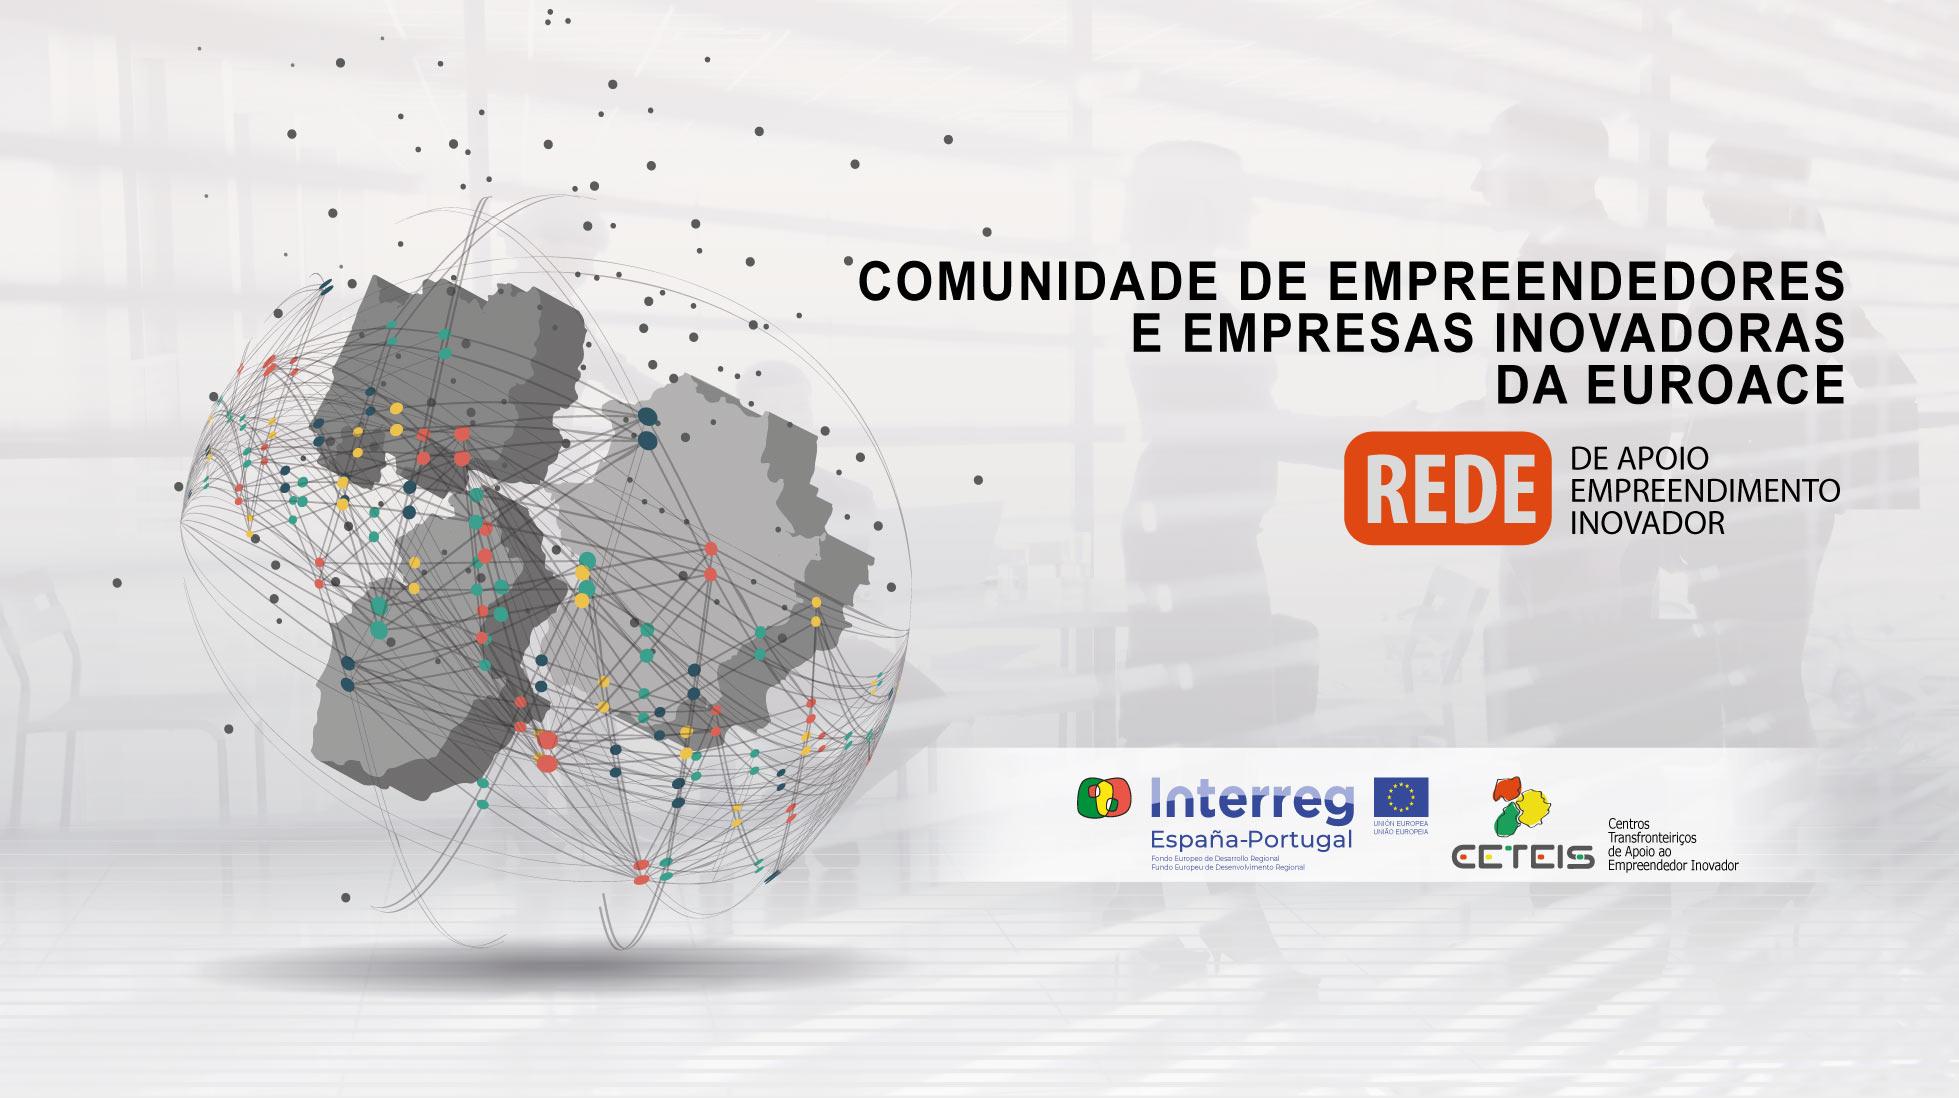 INSCRIÇÃO II EDIÇÃO NO PROGRAMA DE INCUBAÇÃO DE INICIATIVAS EMPREENDEDORAS INOVADORAS DA REDE CETEIS